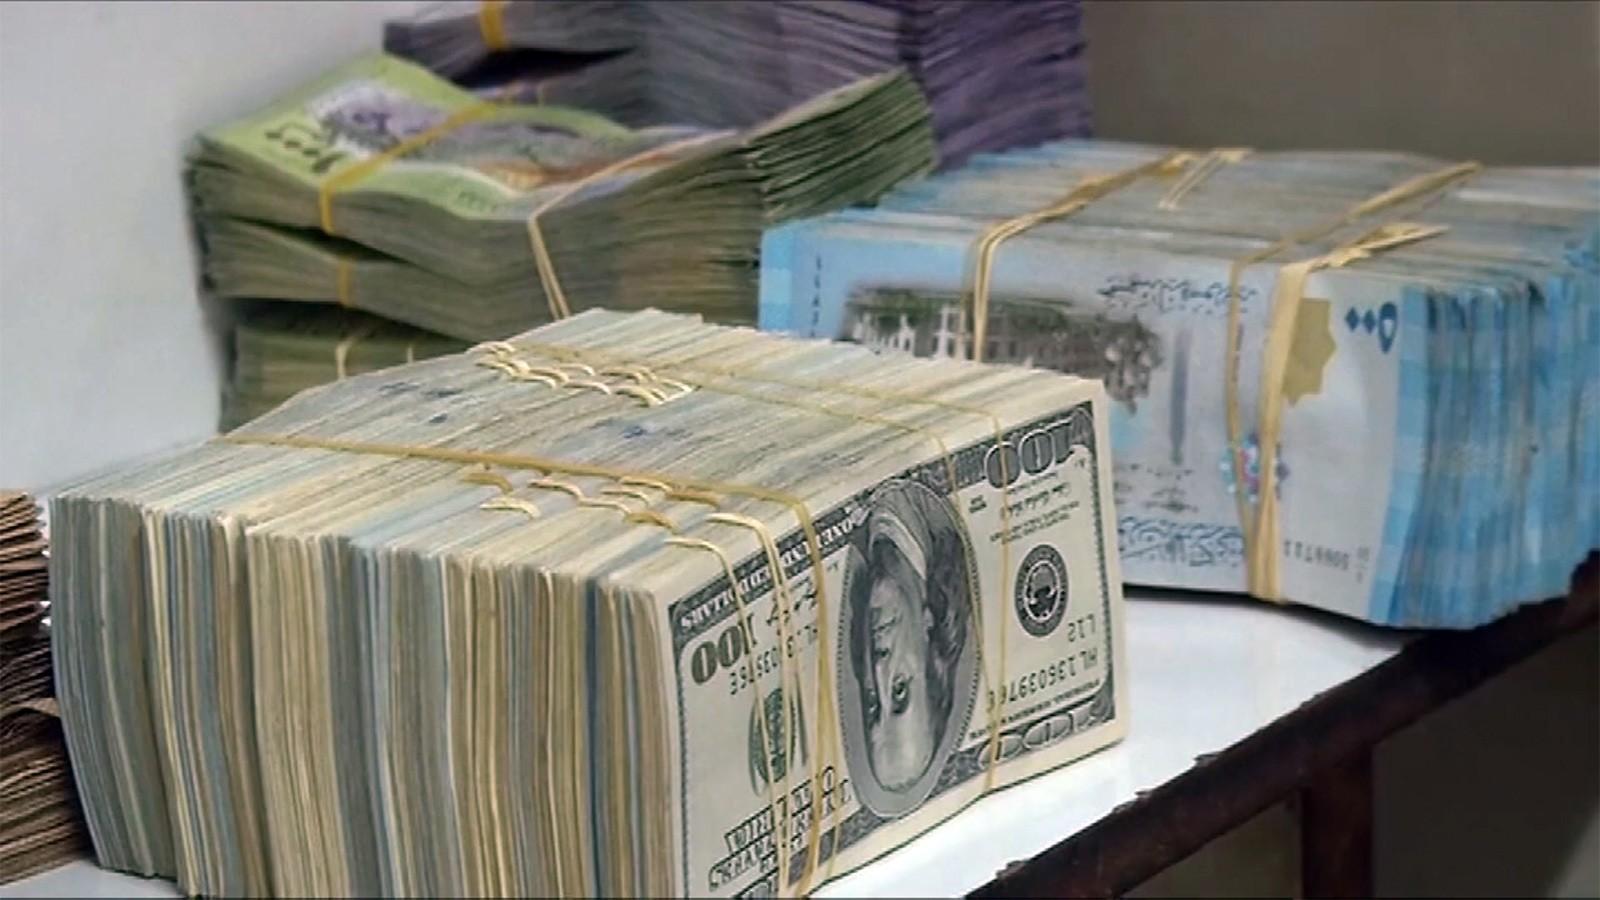 ذروة جديدة للدولار في سوريا وأنباء مقلقة عن الاقتصاد في دمشق